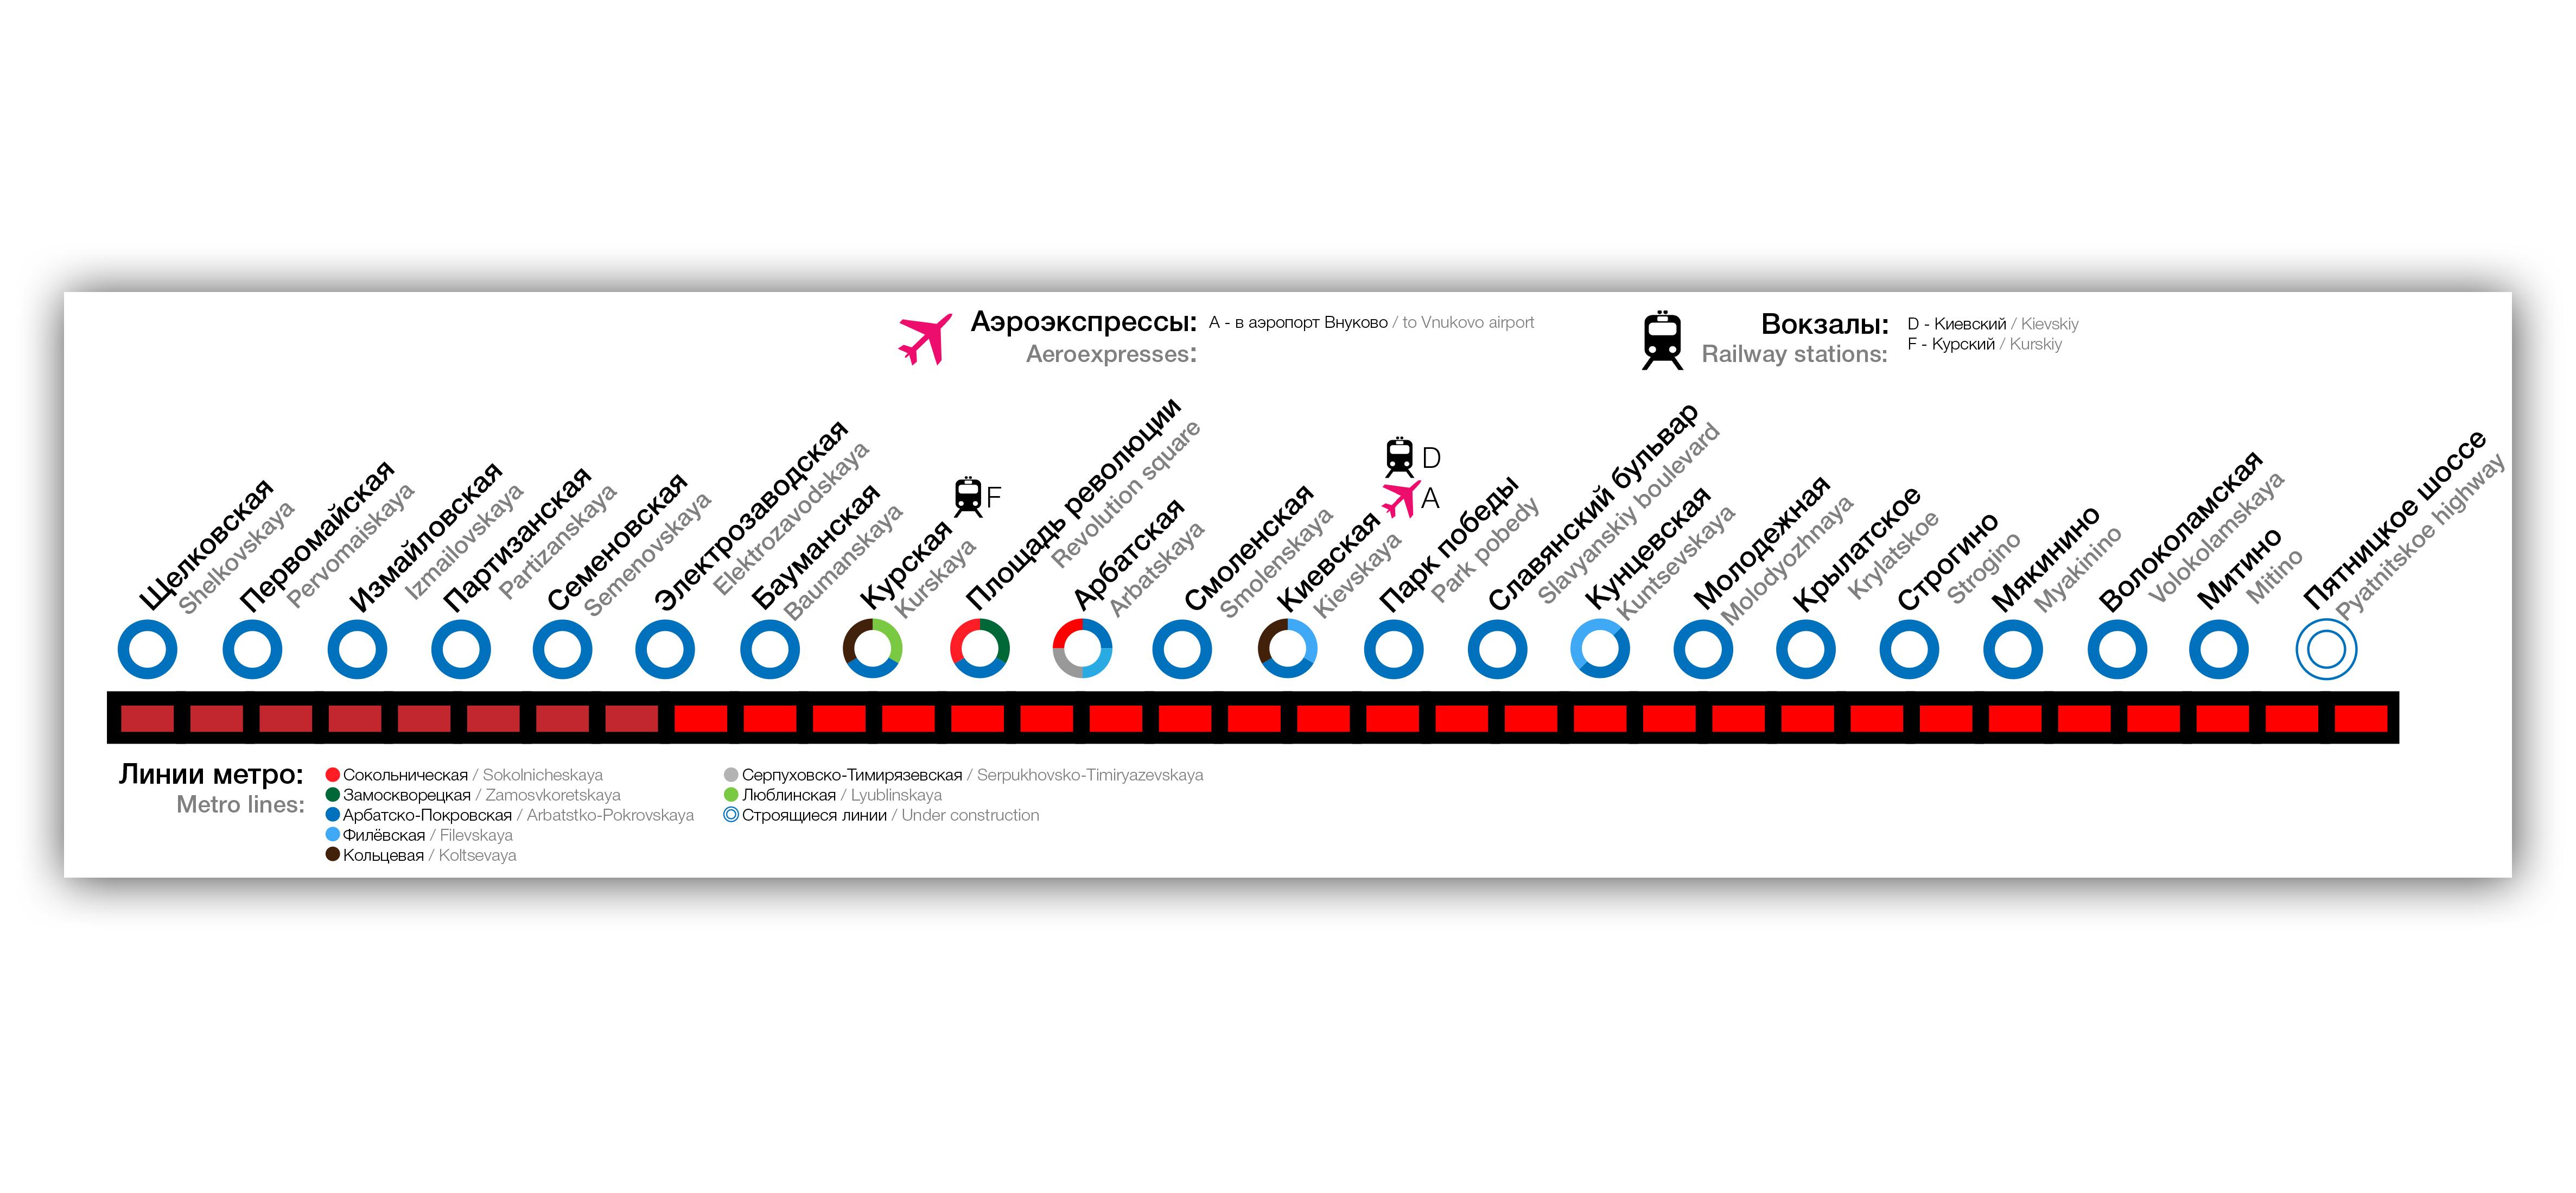 Арбатско-покровская линия метро схема